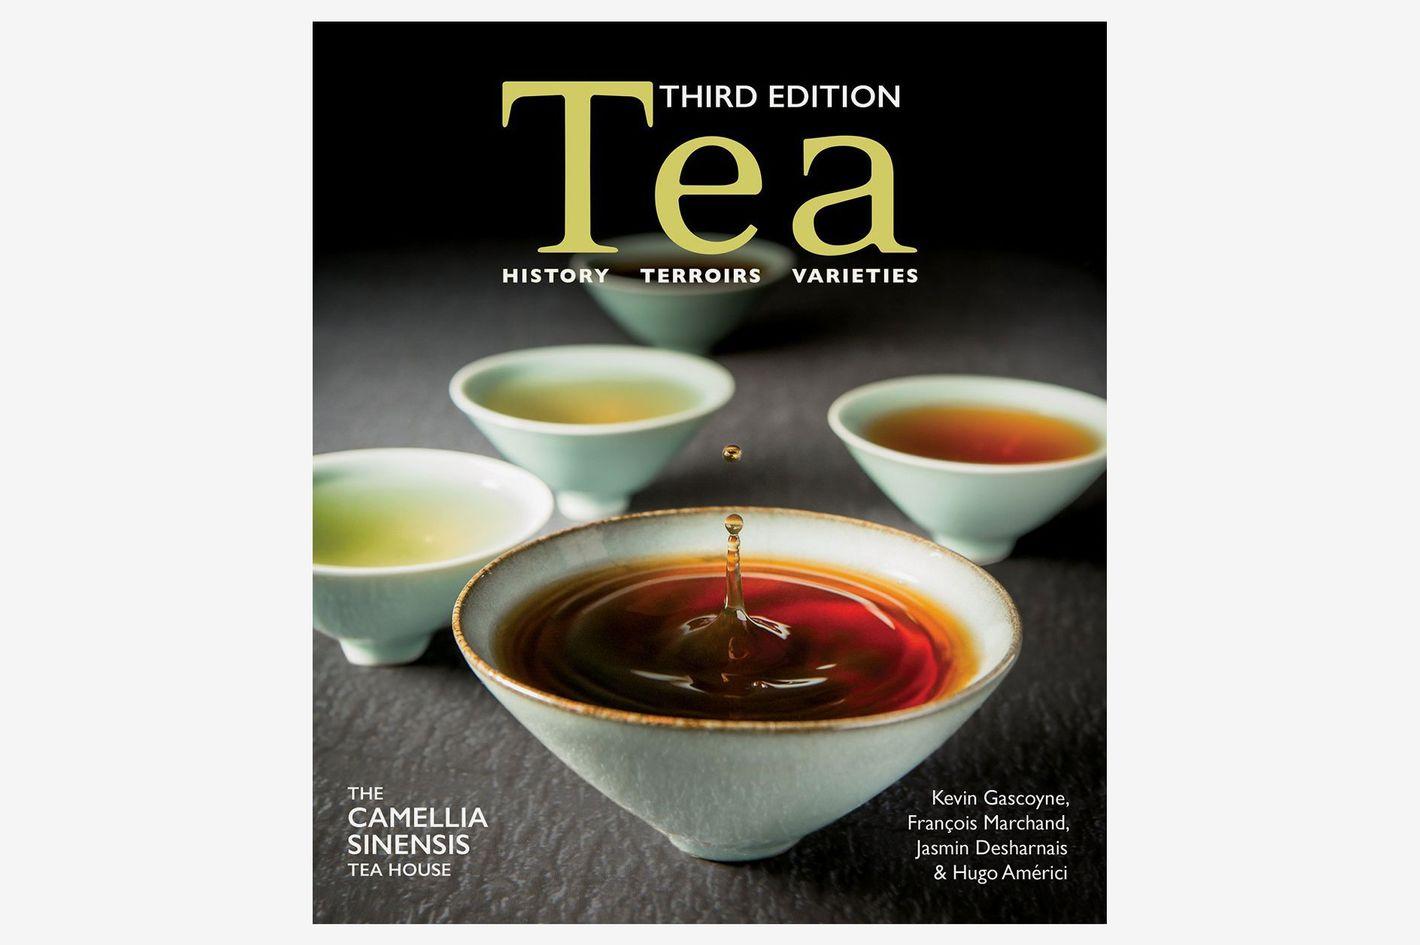 Tea: History, Terroirs, Varieties by Kevin Gascoyne, François Marchand, Jasmin Desharnais, and Hugo Américi